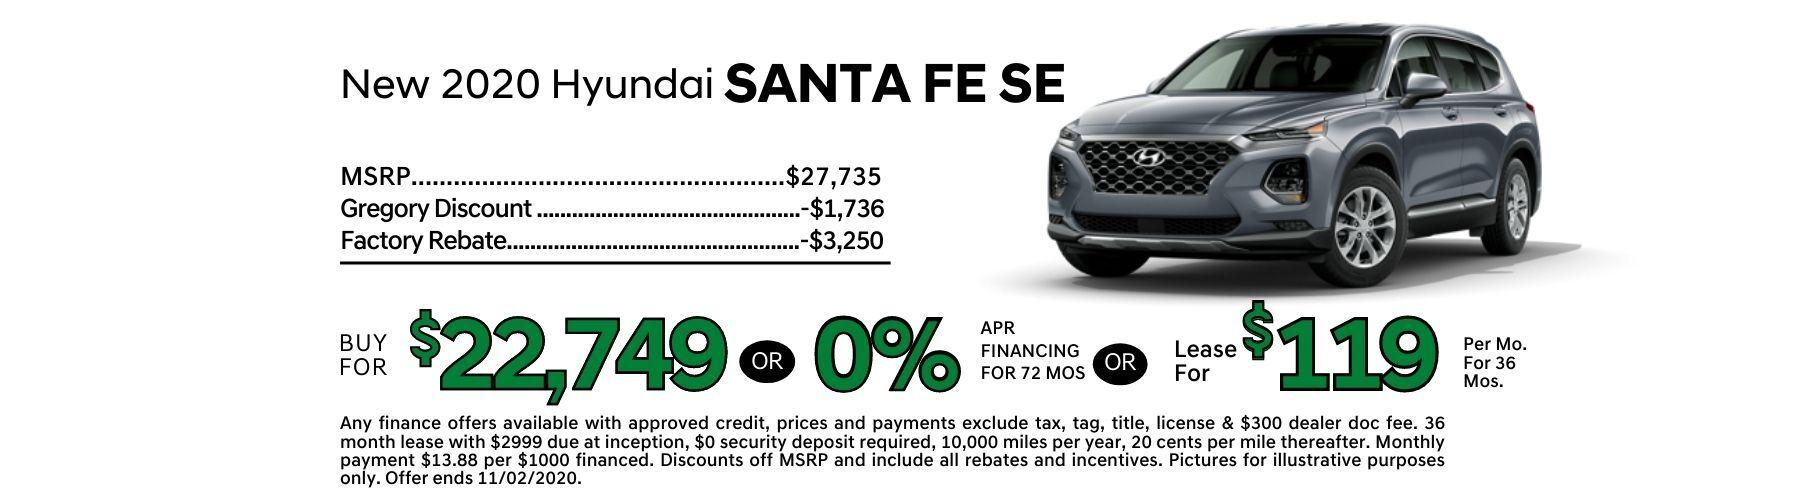 Santa Fe Offer